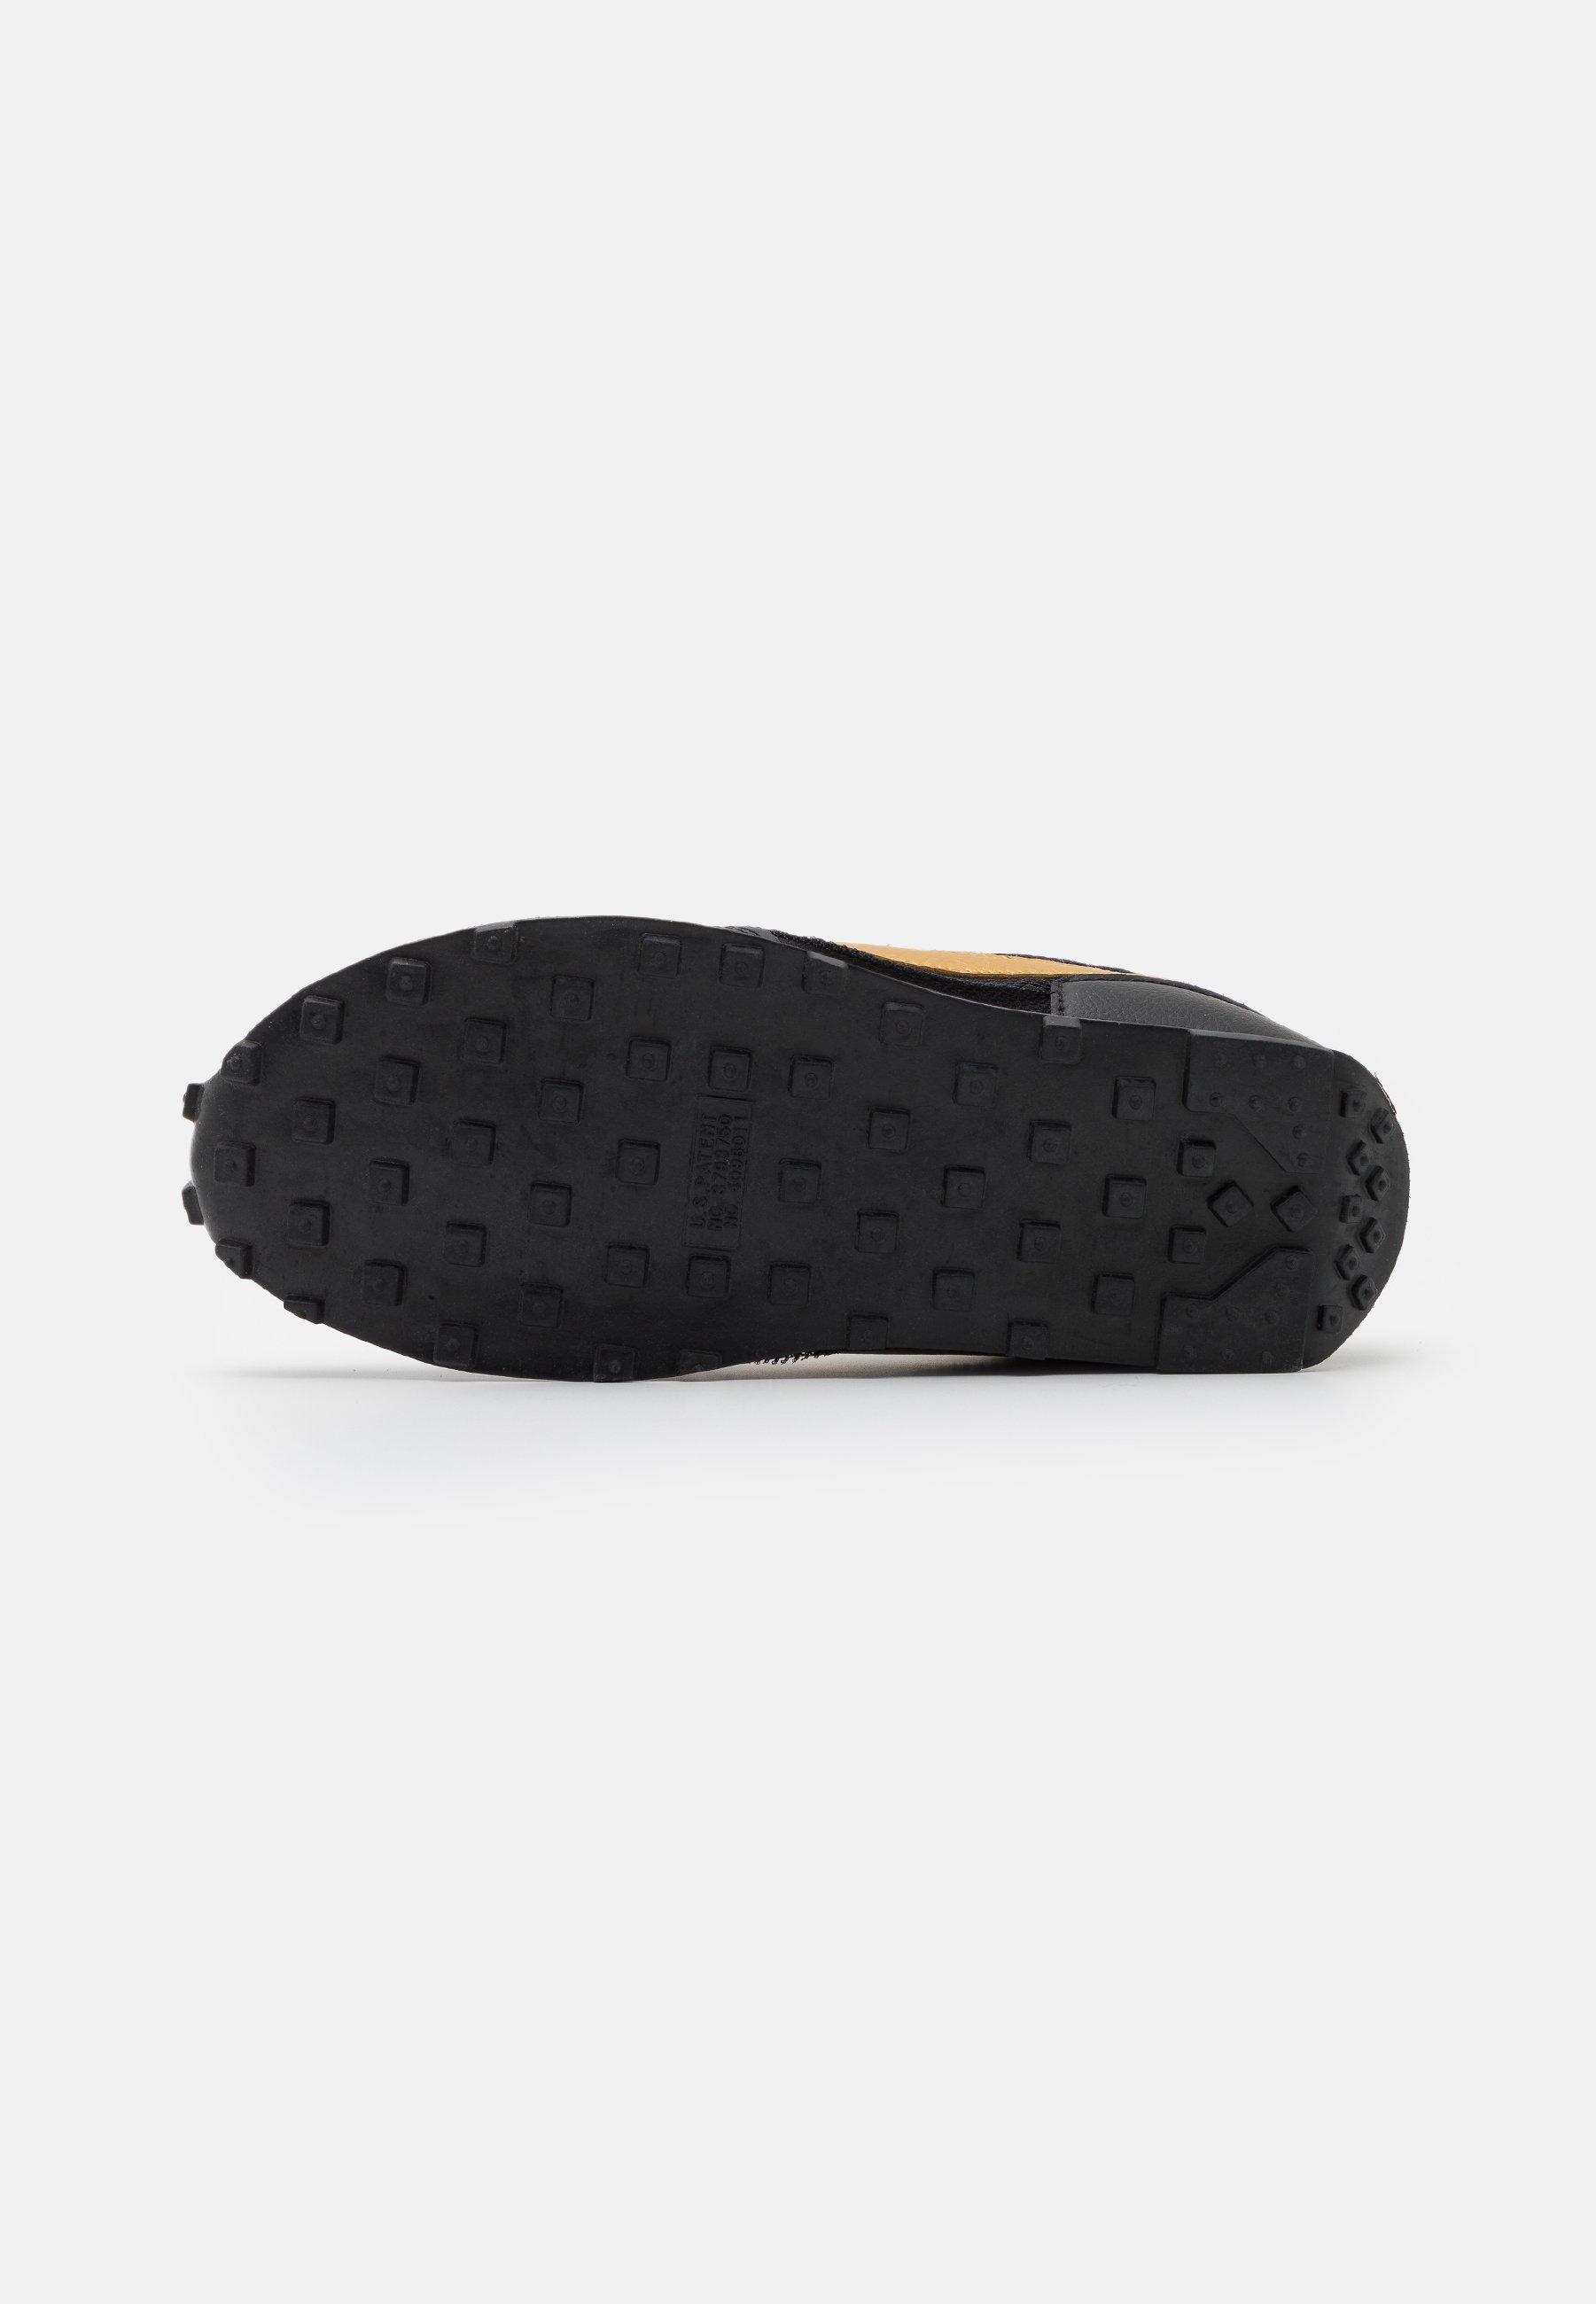 Nike Sportswear DAYBREAK Sneaker low black/metallic gold/white/schwarz